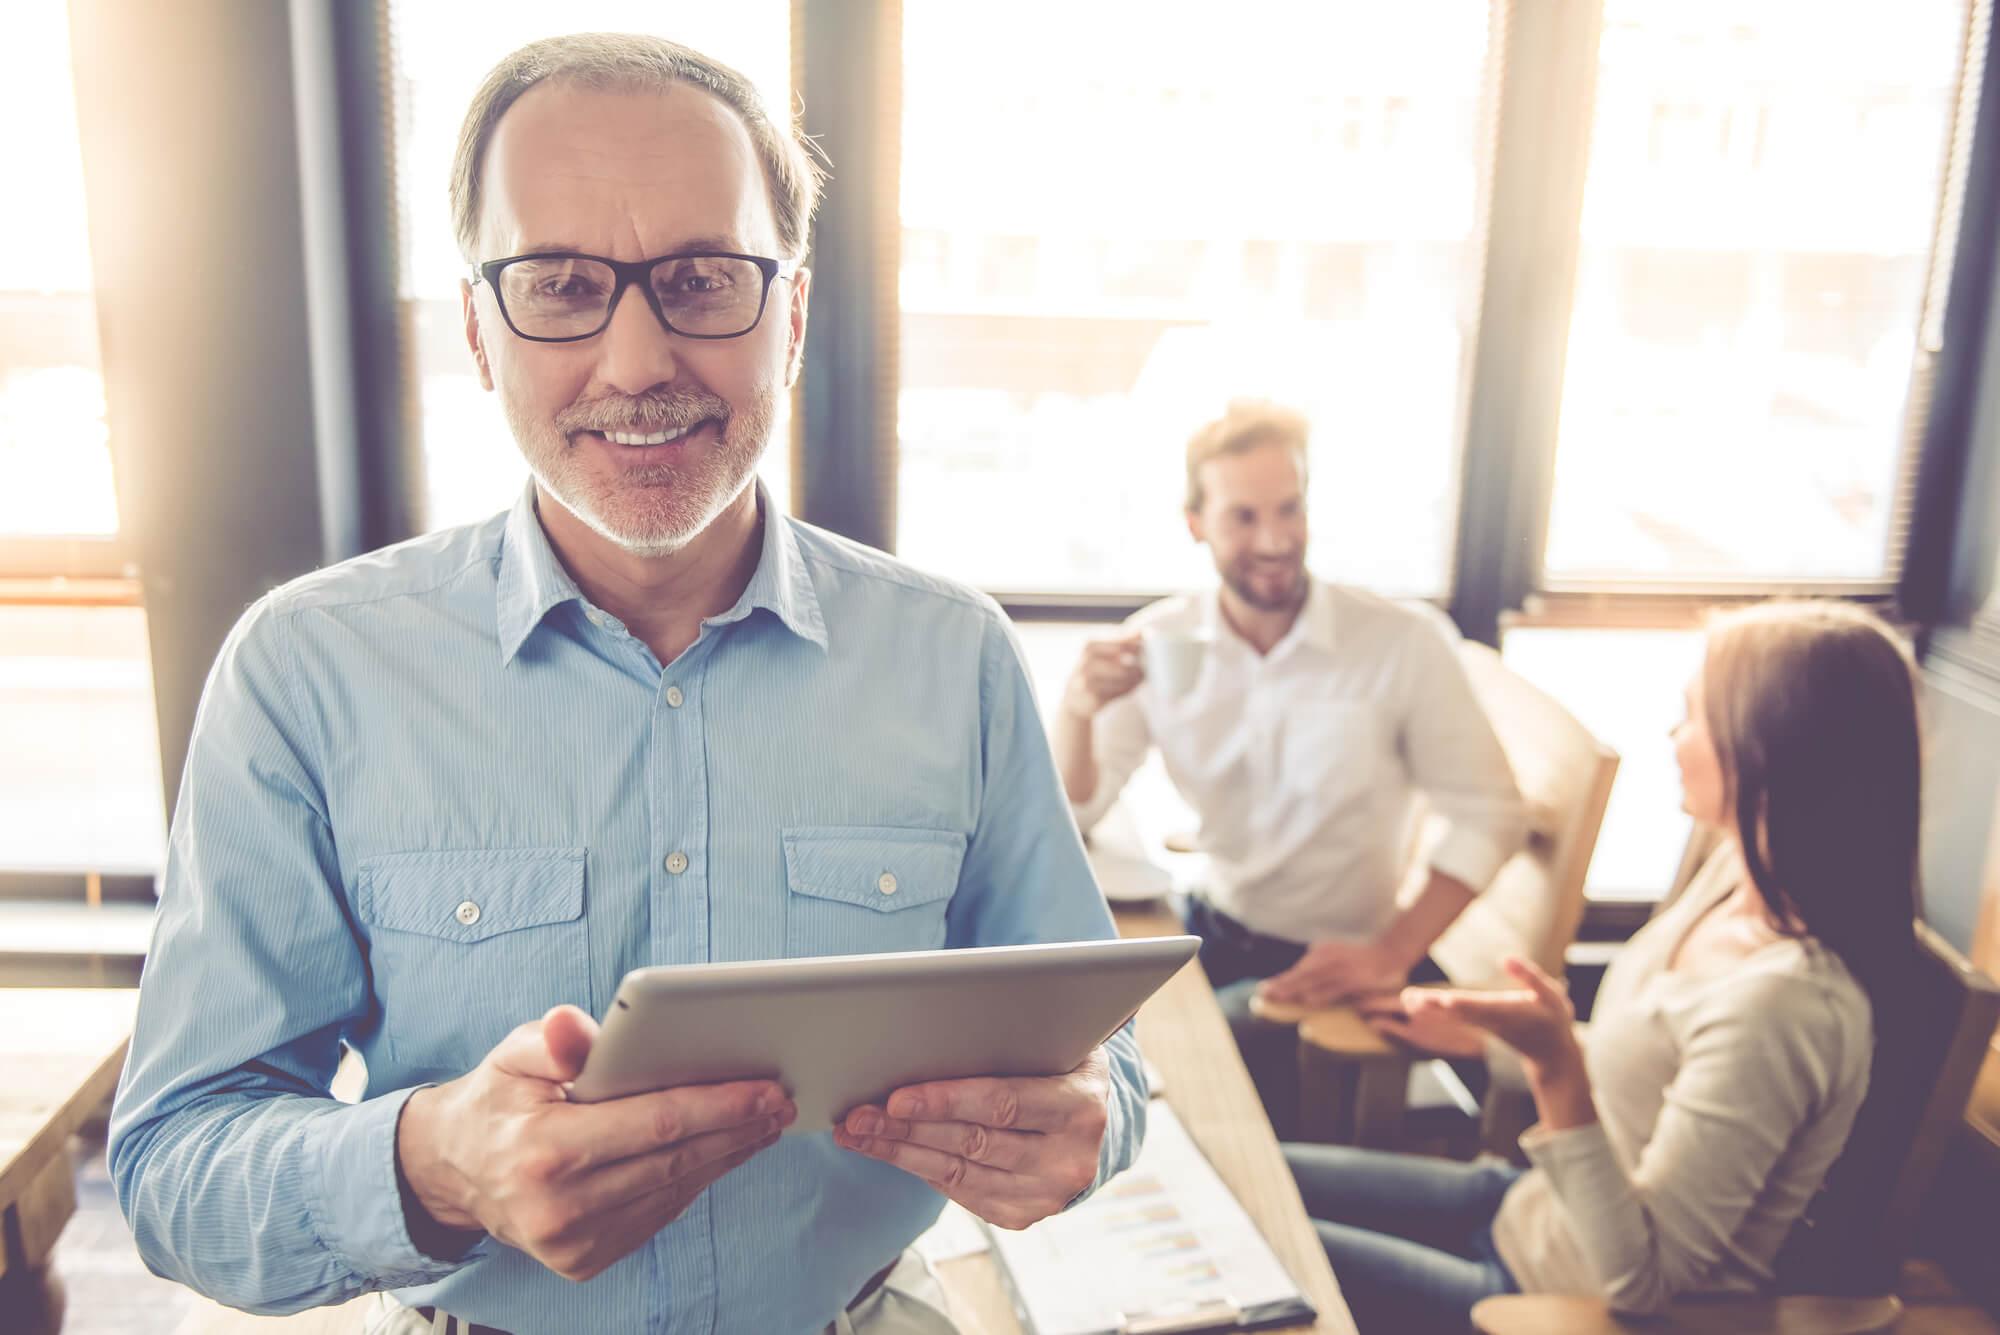 8 lições de empreendedores de sucesso para seguir no dia a dia